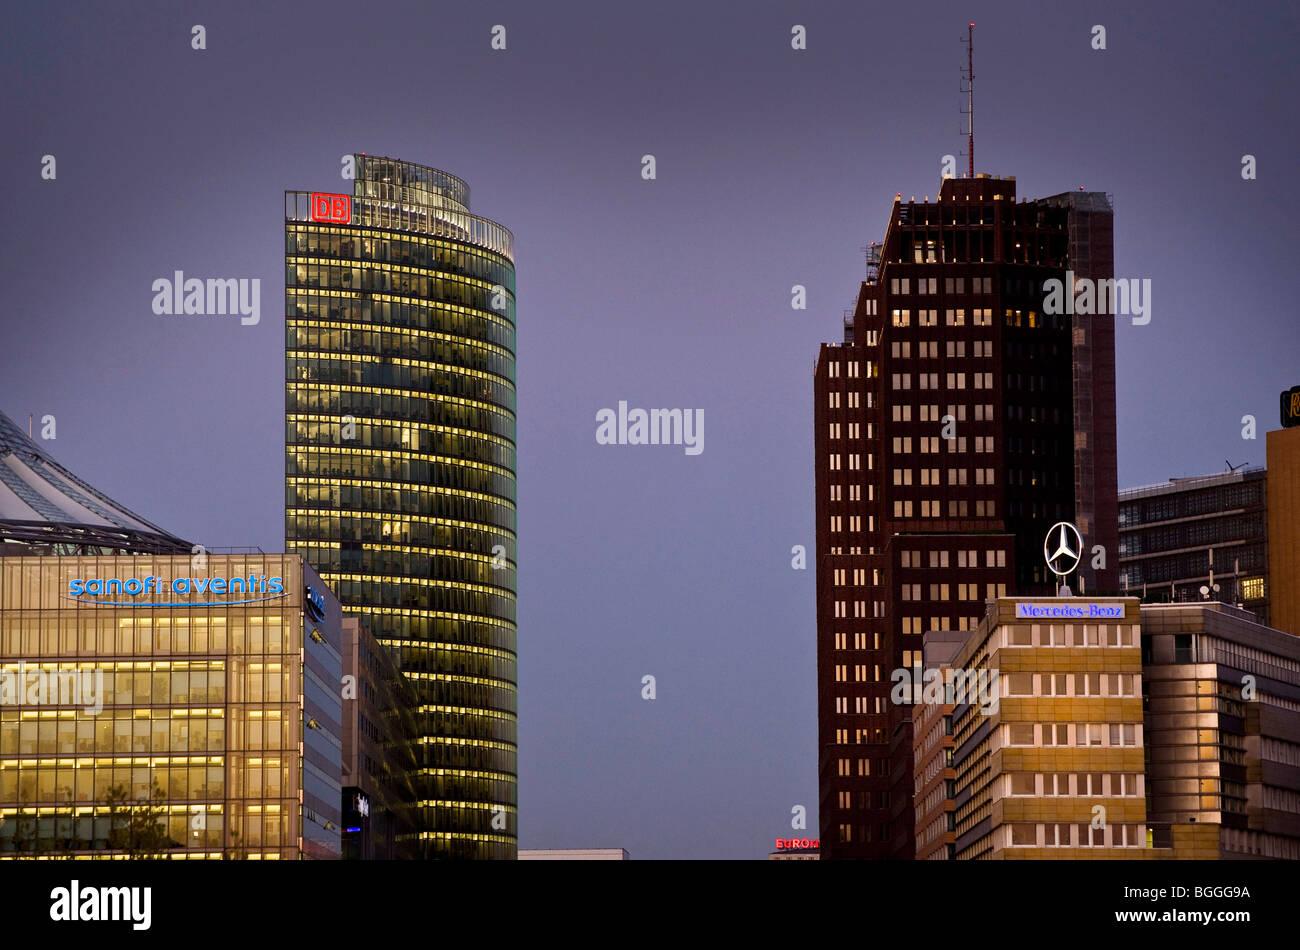 Turm der Deutschen Bahn, BahnTower am Potsdamer Platz, Potsdamer Platz, Berlin, Deutschland, Europa Stockbild